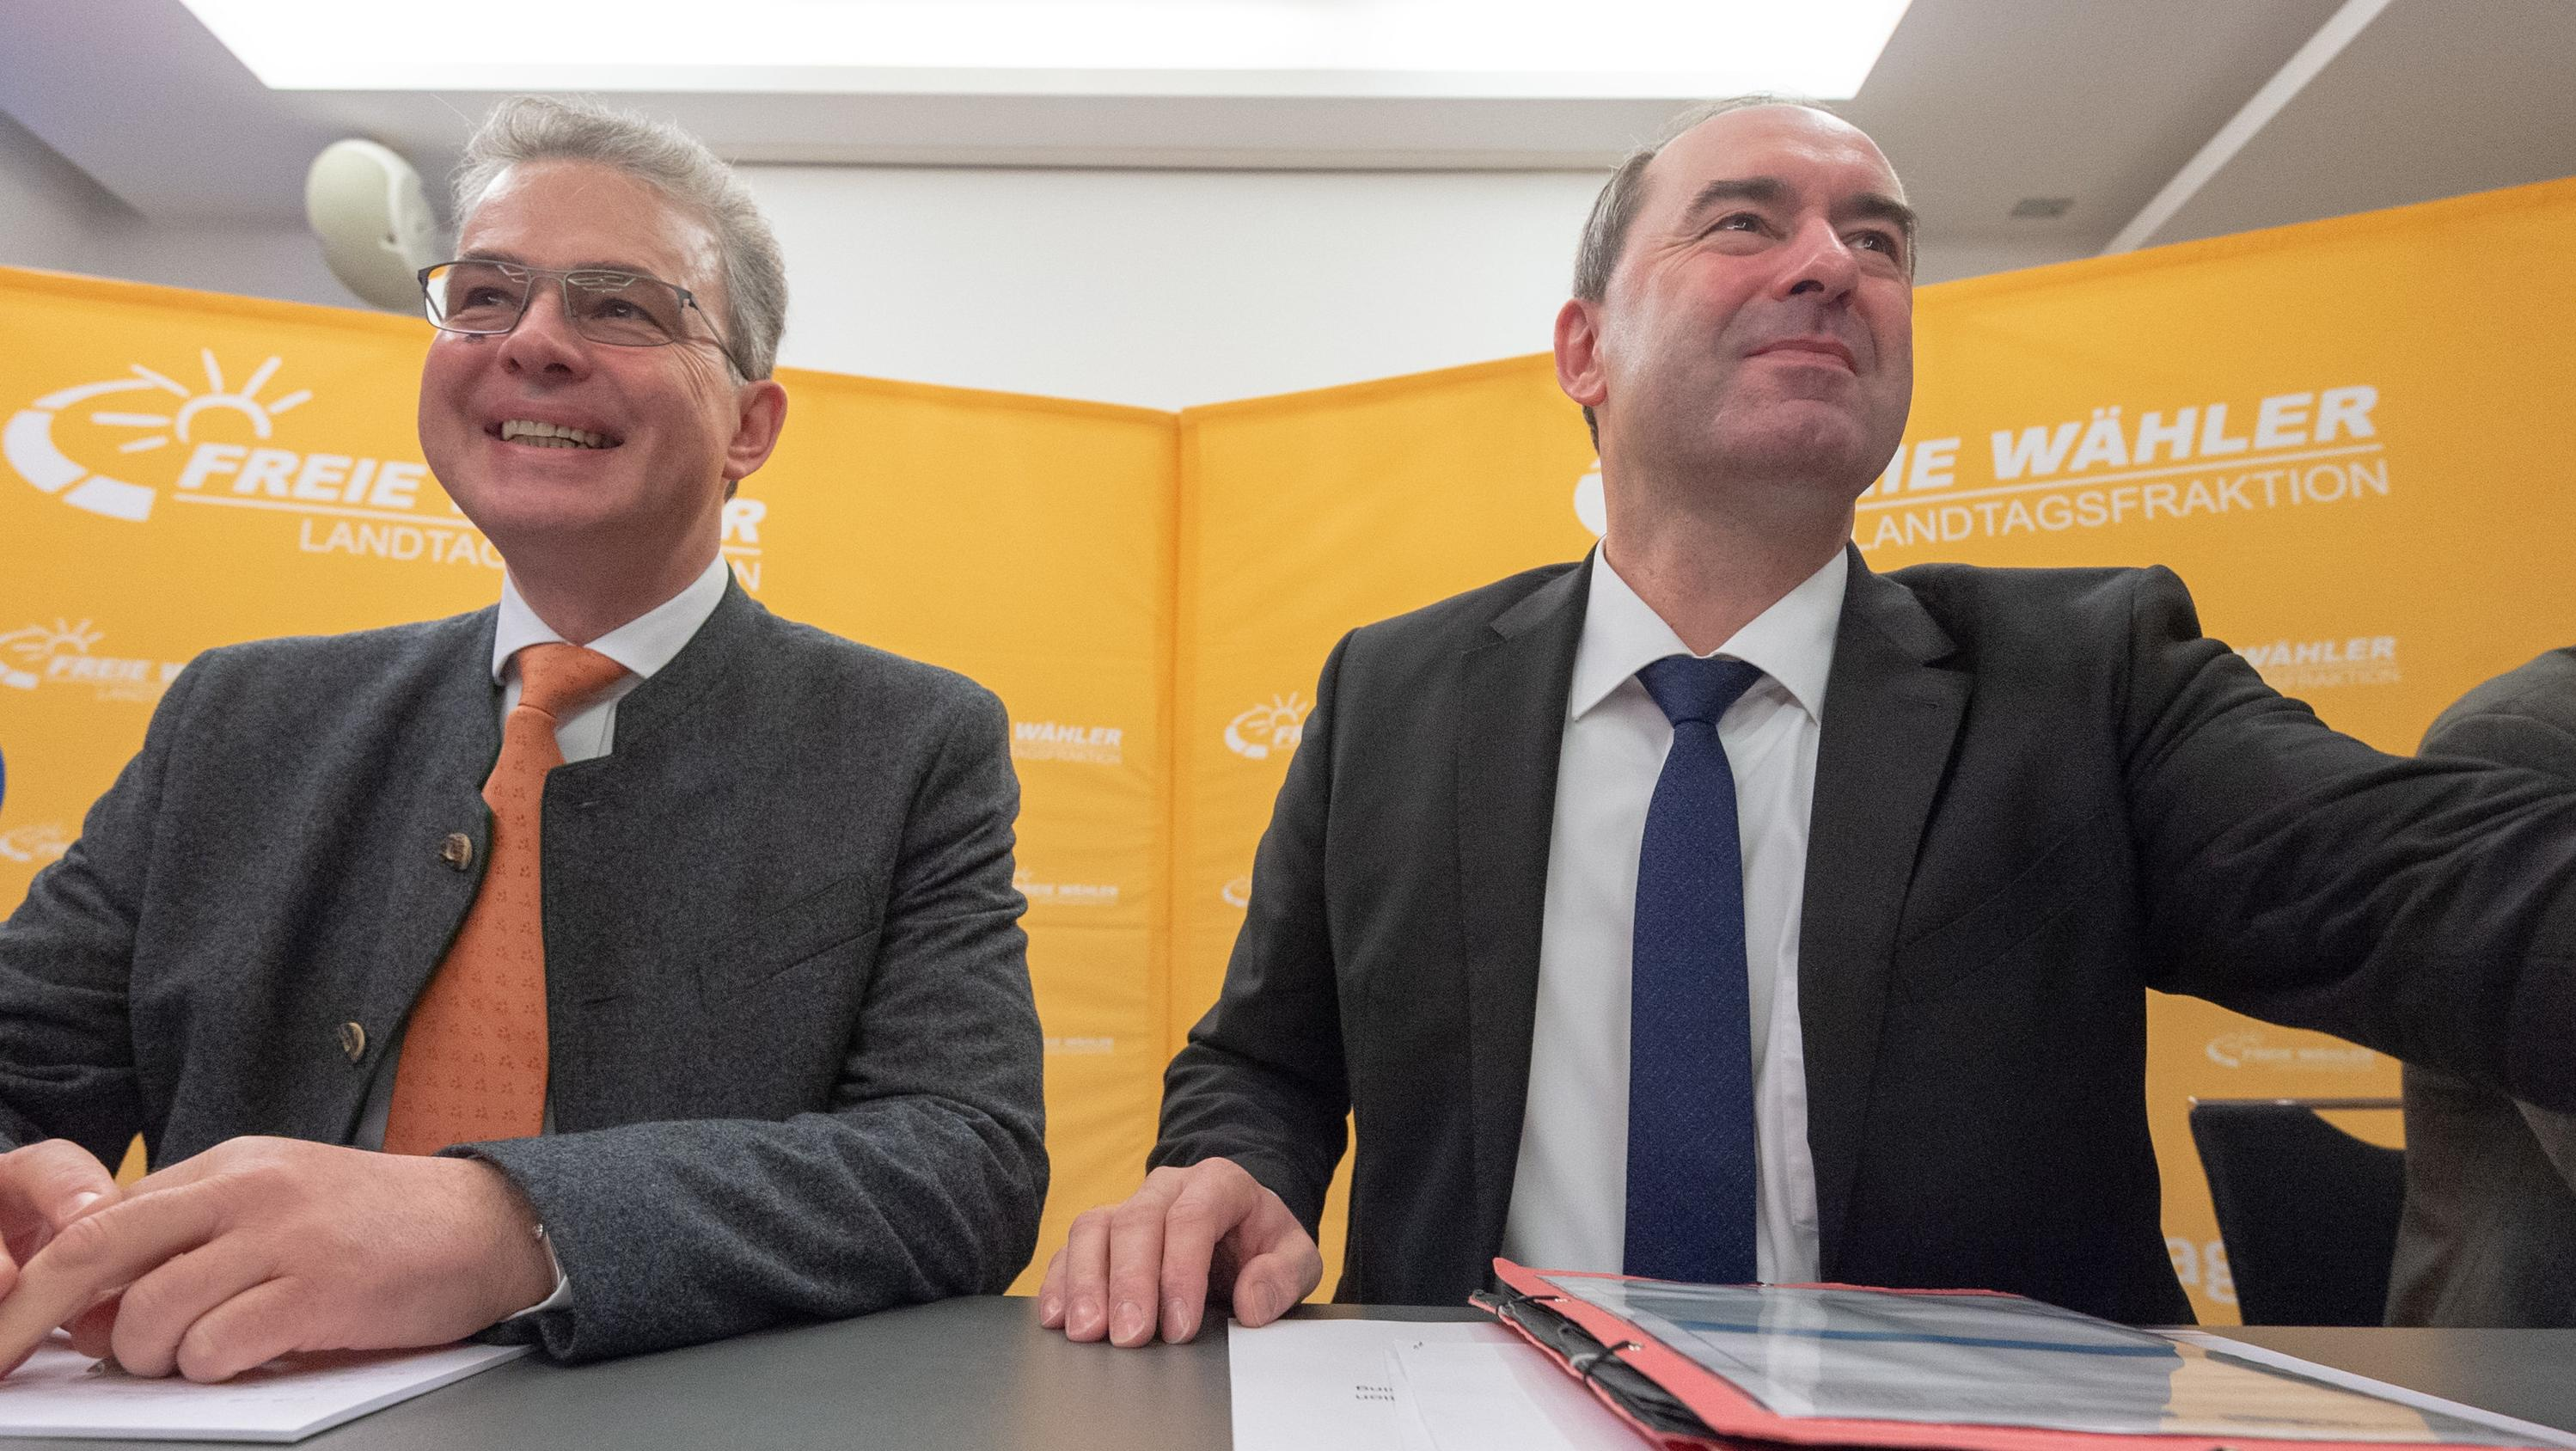 Hubert Aiwanger und Florian Streibl eröffnen die Winterklausur der Landtagsfraktion der Freien Wähler